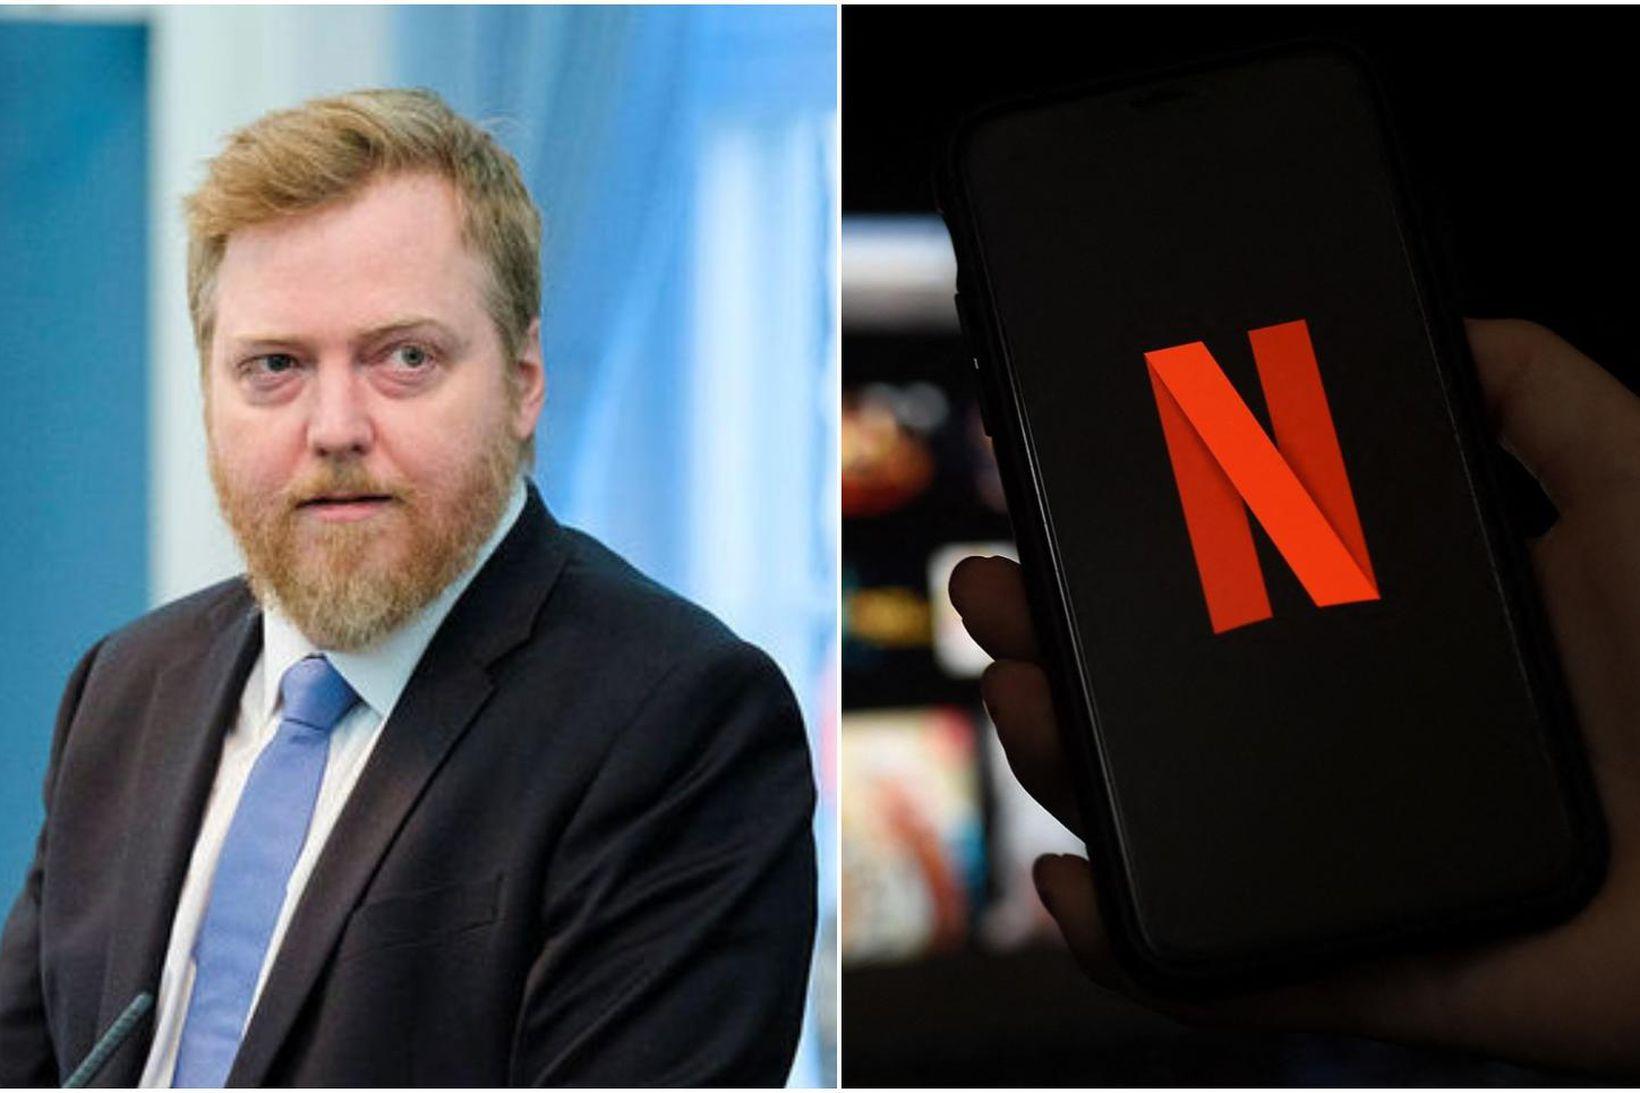 Sigmundur Davíð Gunnlaugsson, formaður Miðflokksins. Stuðningsfólk Miðflokksins eru ólíklegri en …